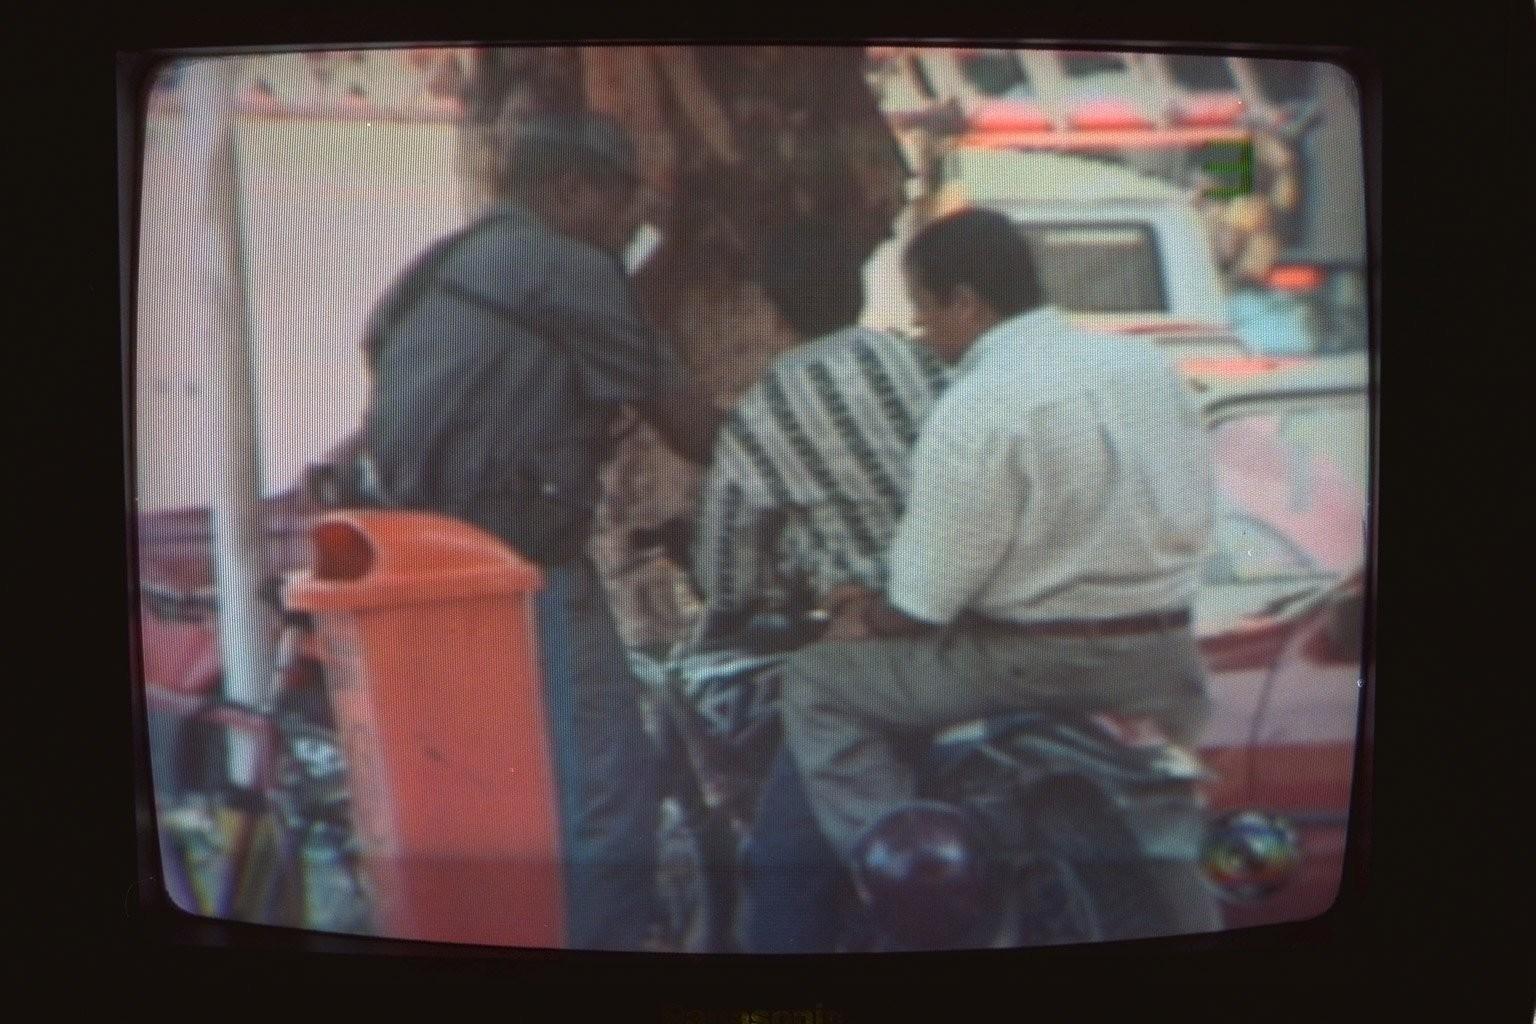 O policial usa a mão direita para revistar o suspeito sentado à frente da moto